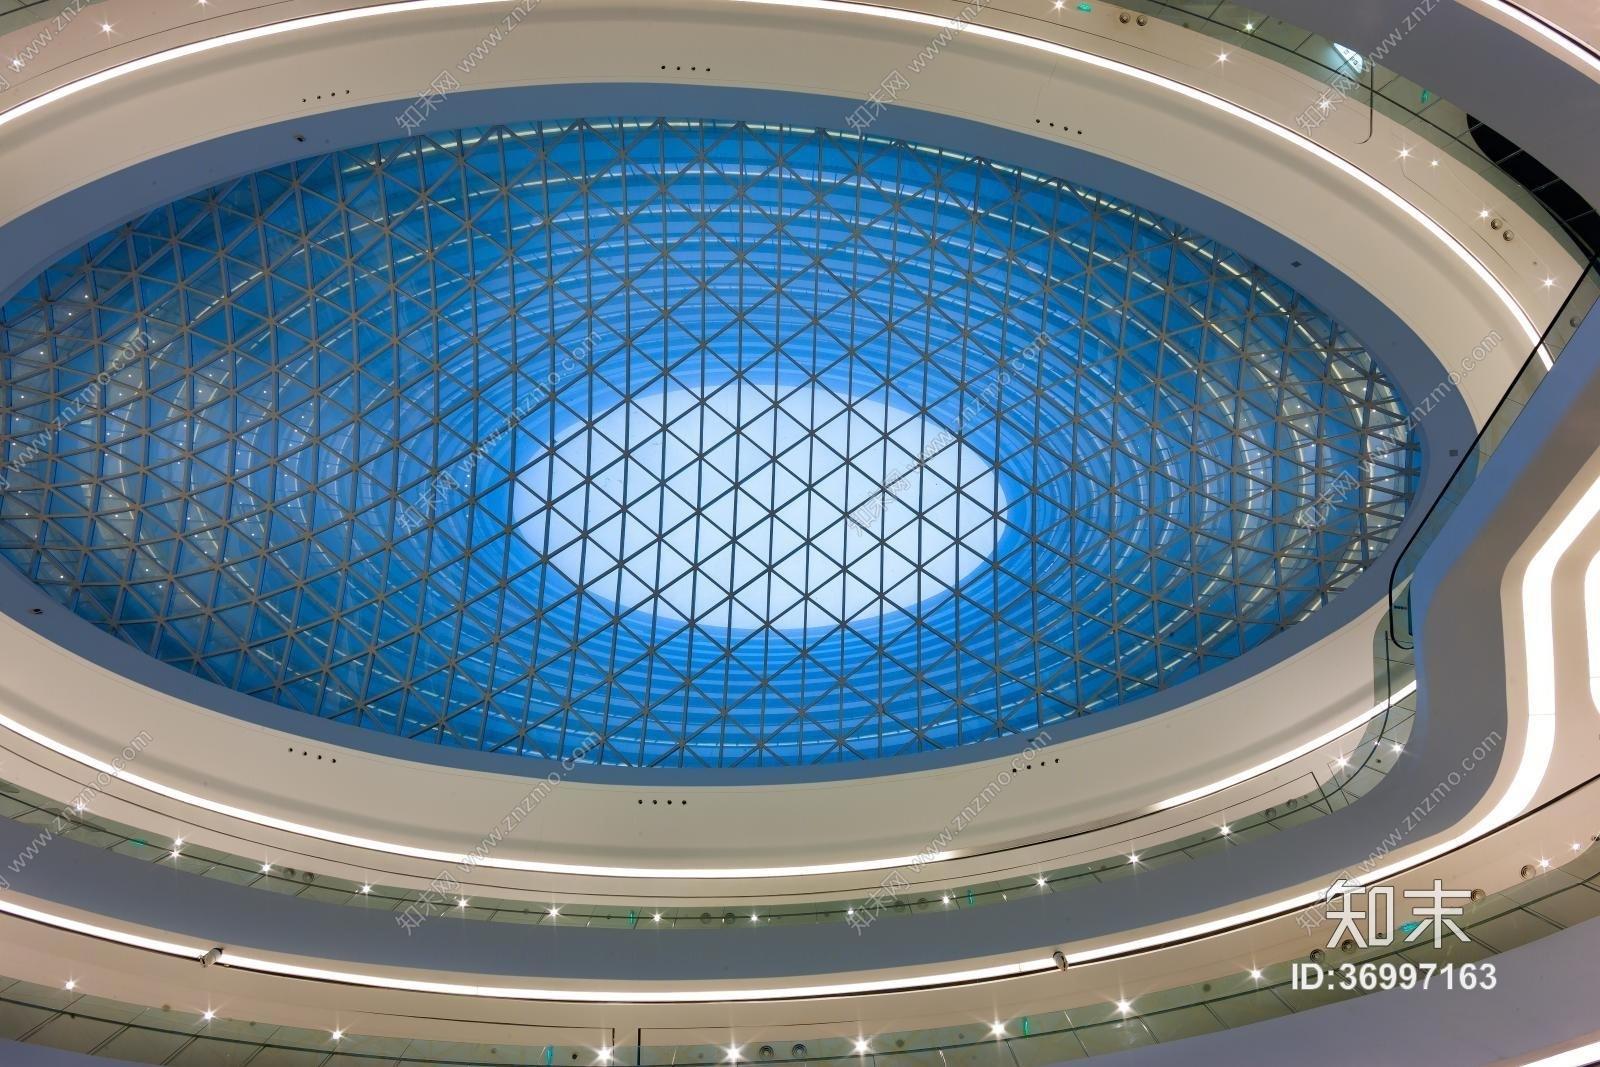 【扎哈哈迪德】北京银河SOHO施工图、效果图施工图下载【ID:36997163】